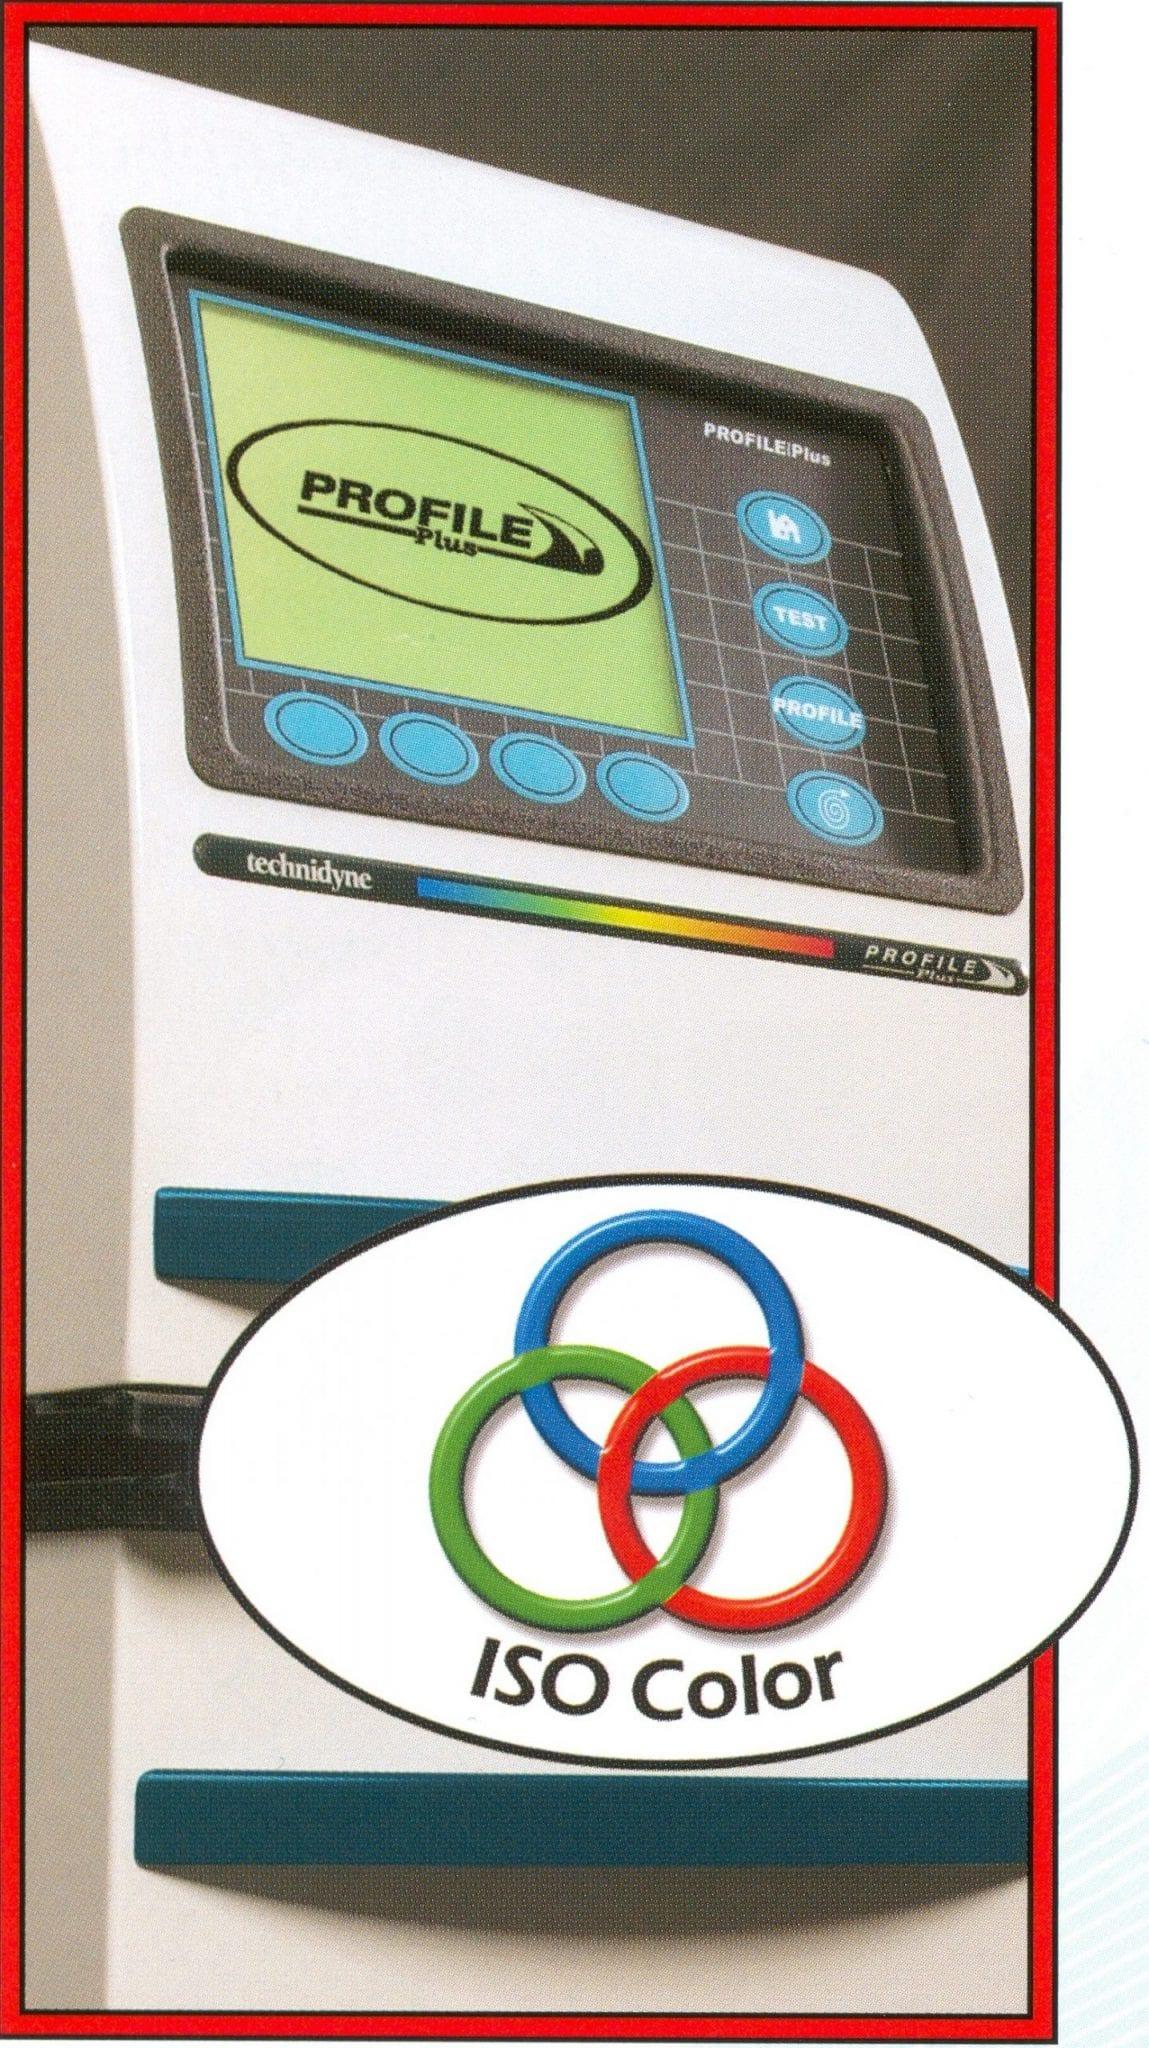 PROFILE Plus Color Touch - Technidyne